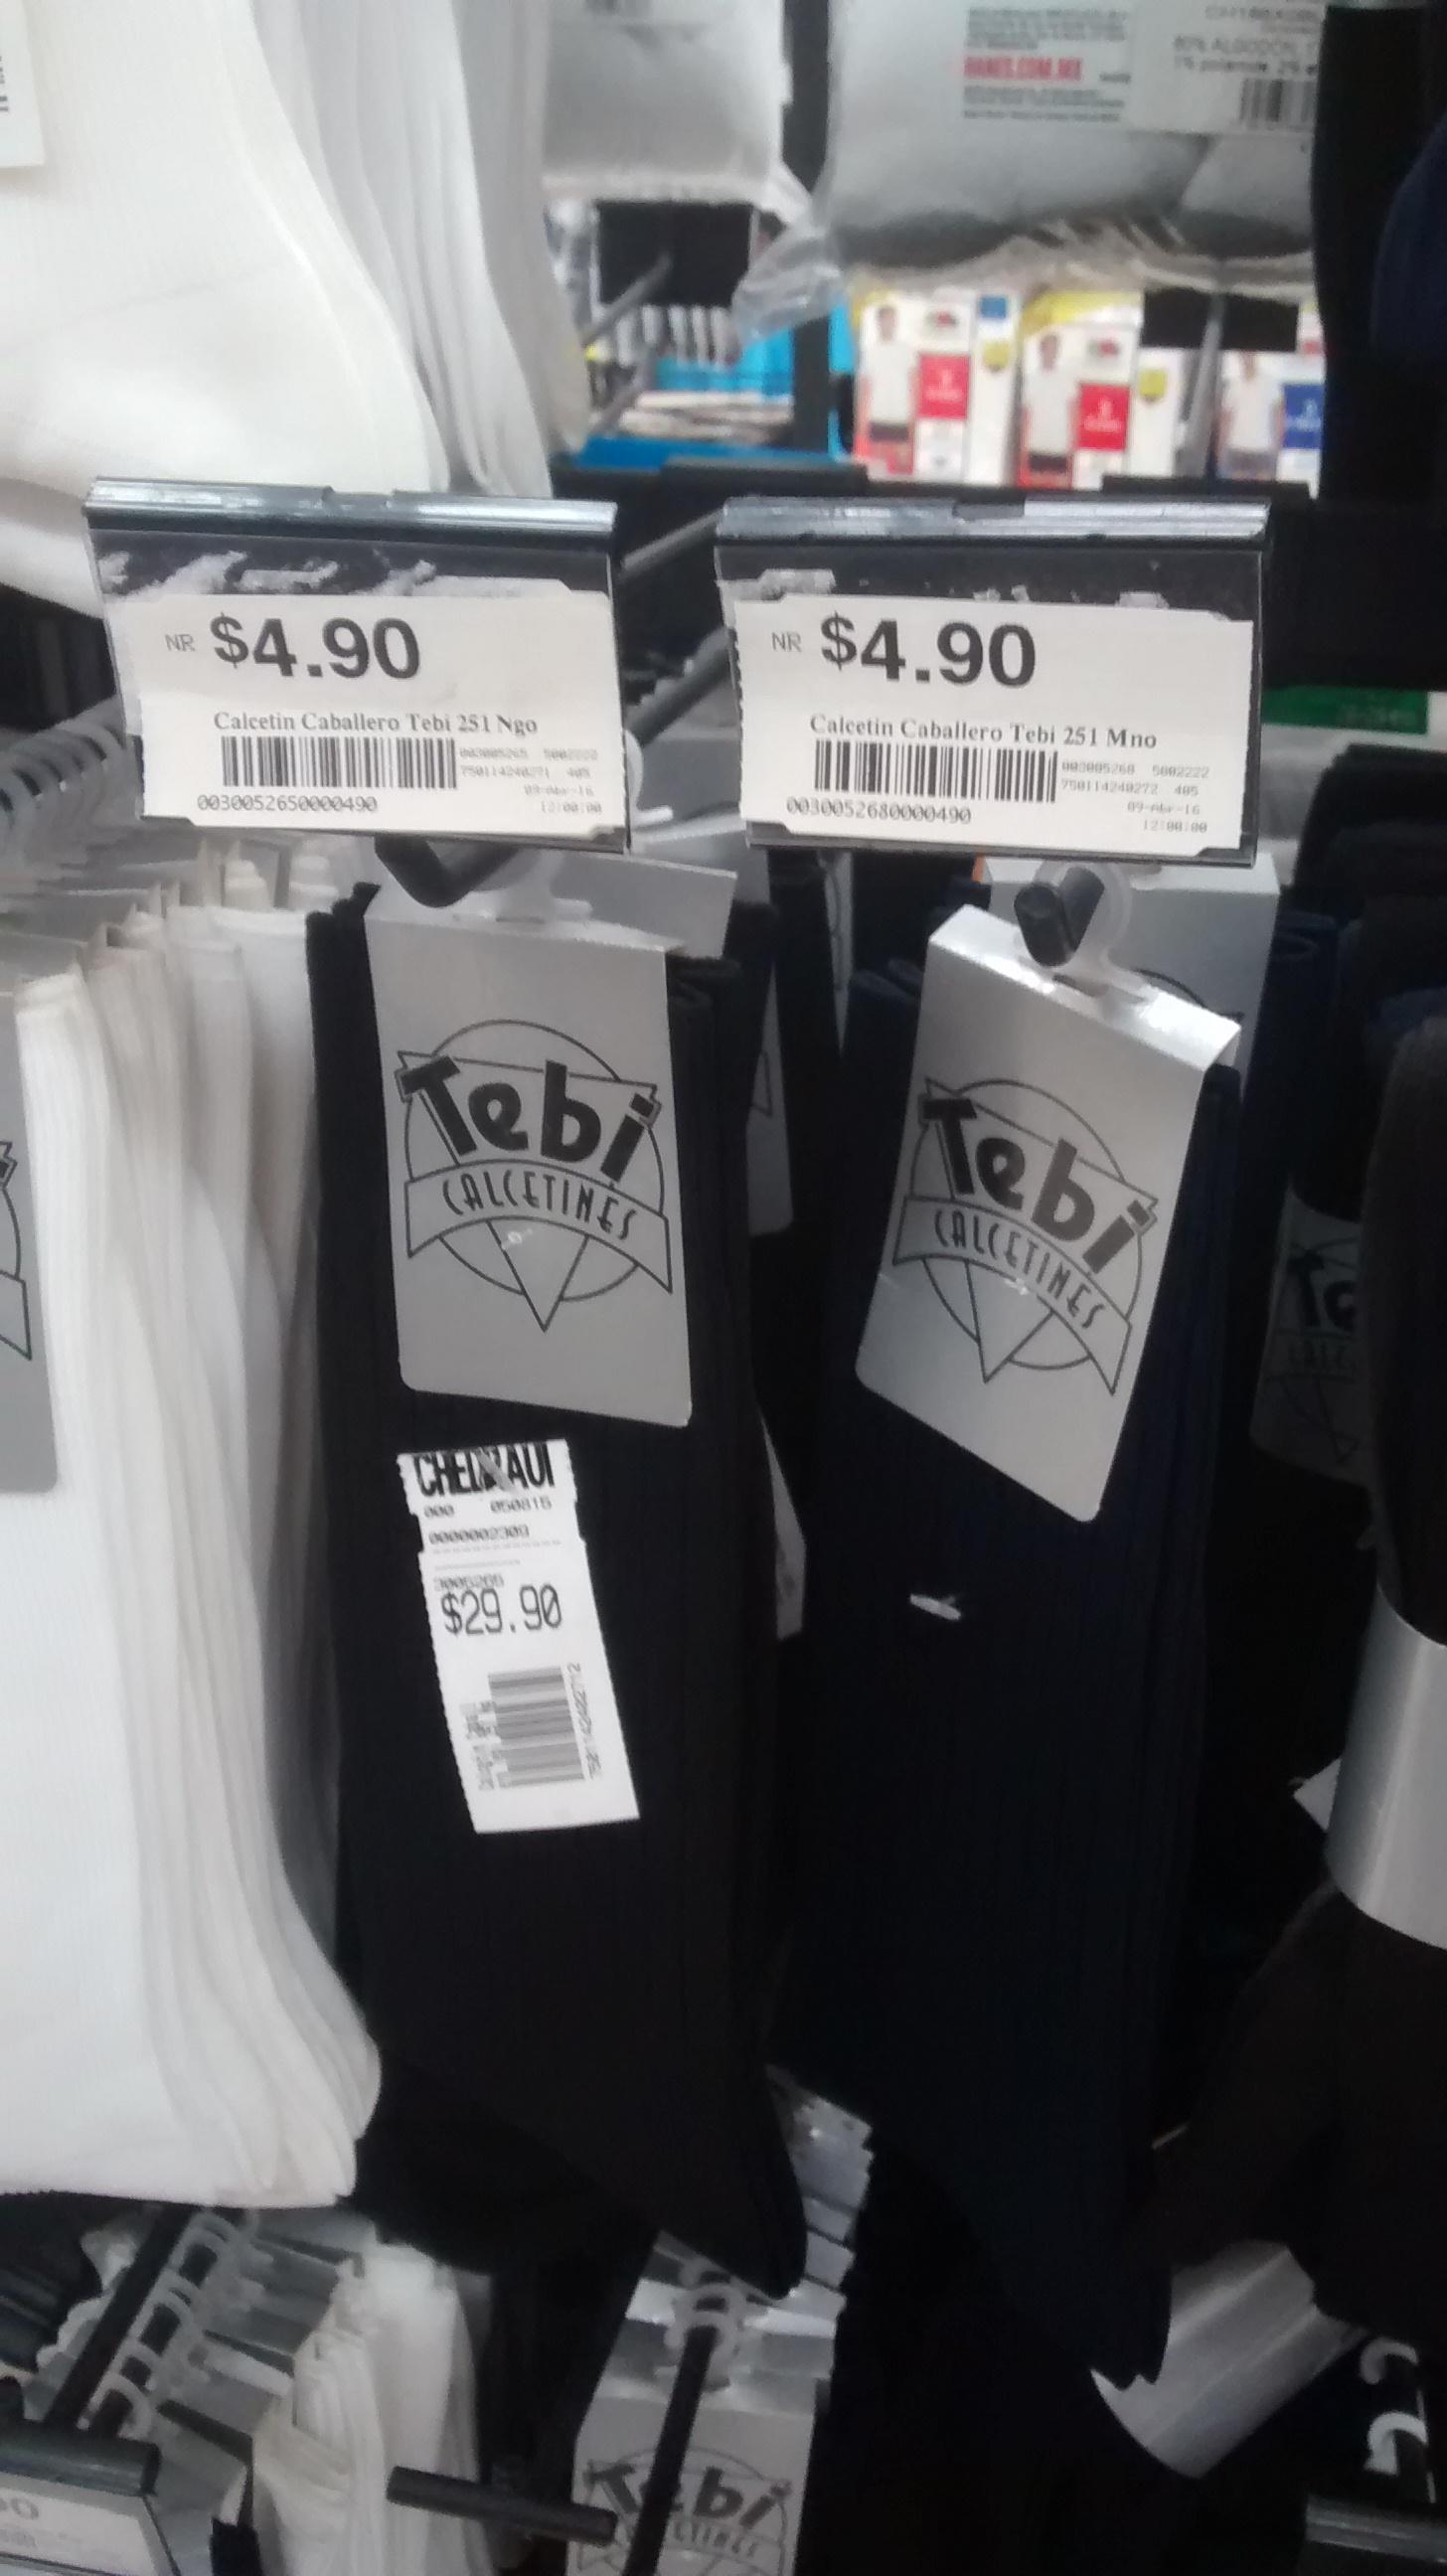 Chedraui Ánfora CDMX: calcetín para caballero a $4.90